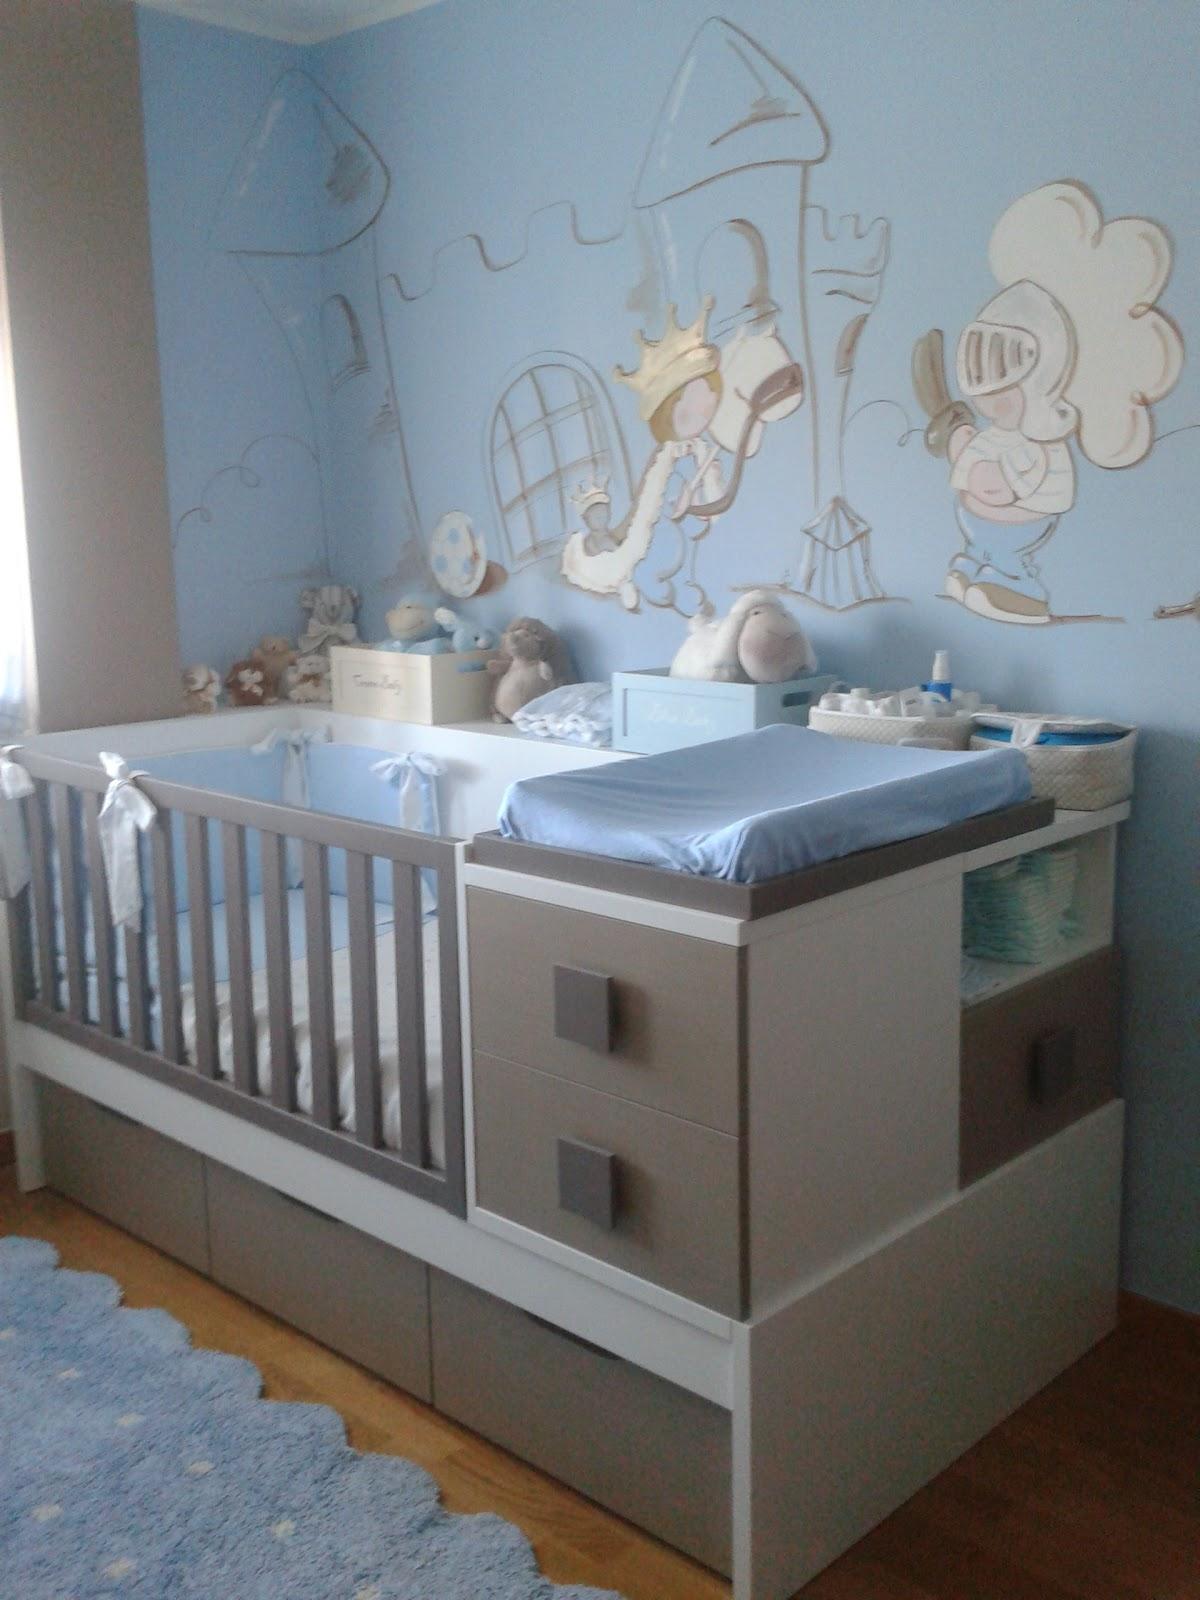 deco chambre b b peinture murale chambre enfant prince avec son ch teau. Black Bedroom Furniture Sets. Home Design Ideas